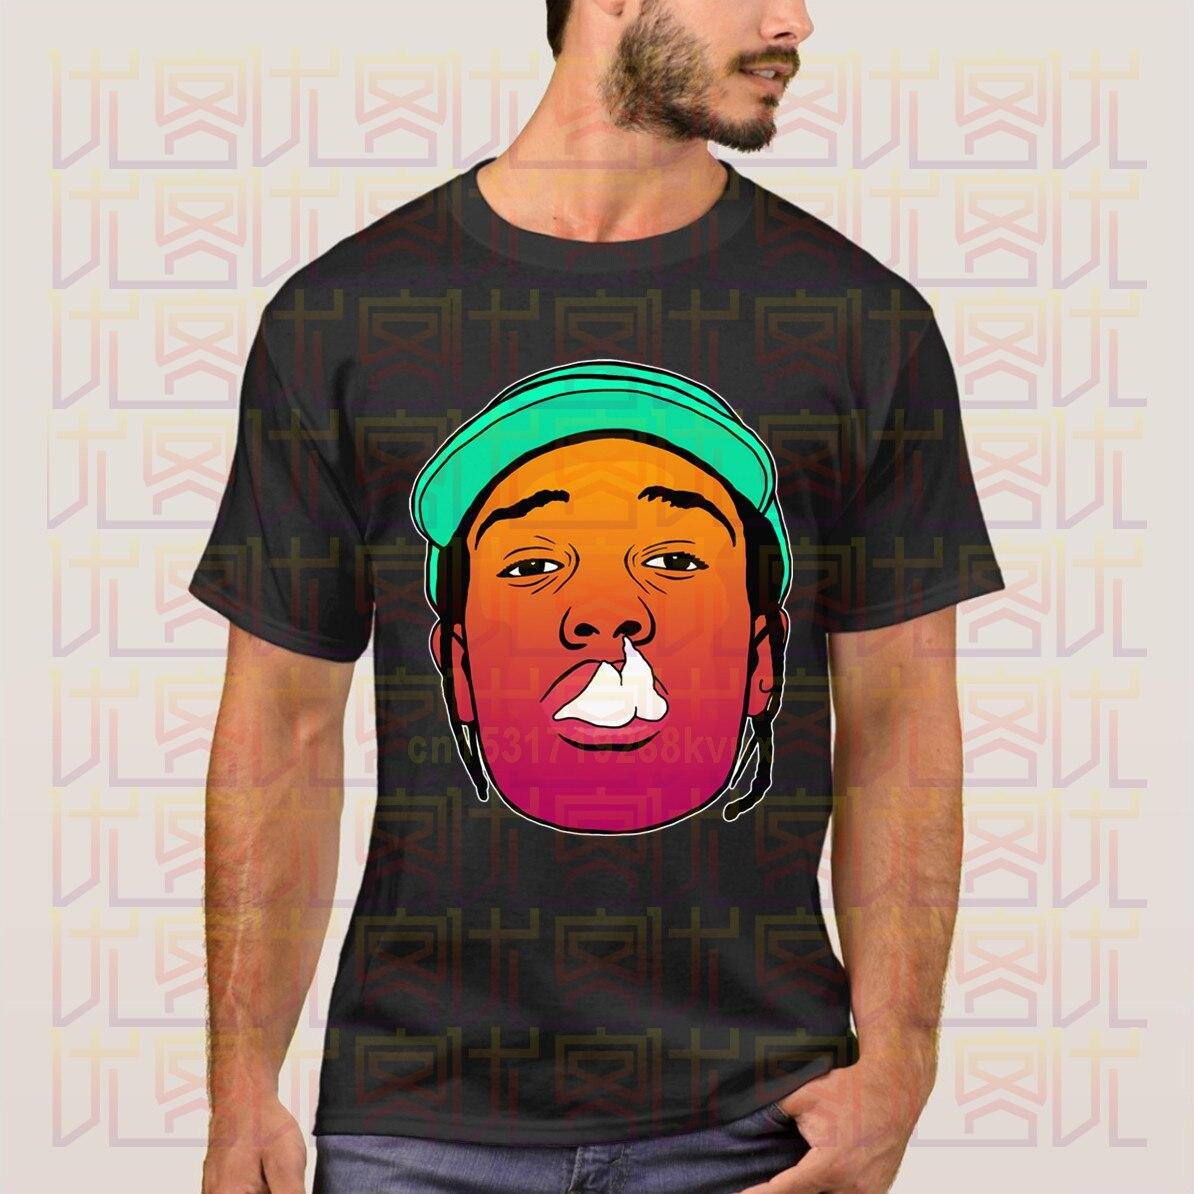 Novedad 2020 verano Asap Mob Logo 100% ropa de algodón Casual camiseta presente Homme Tops camisetas S-4XL